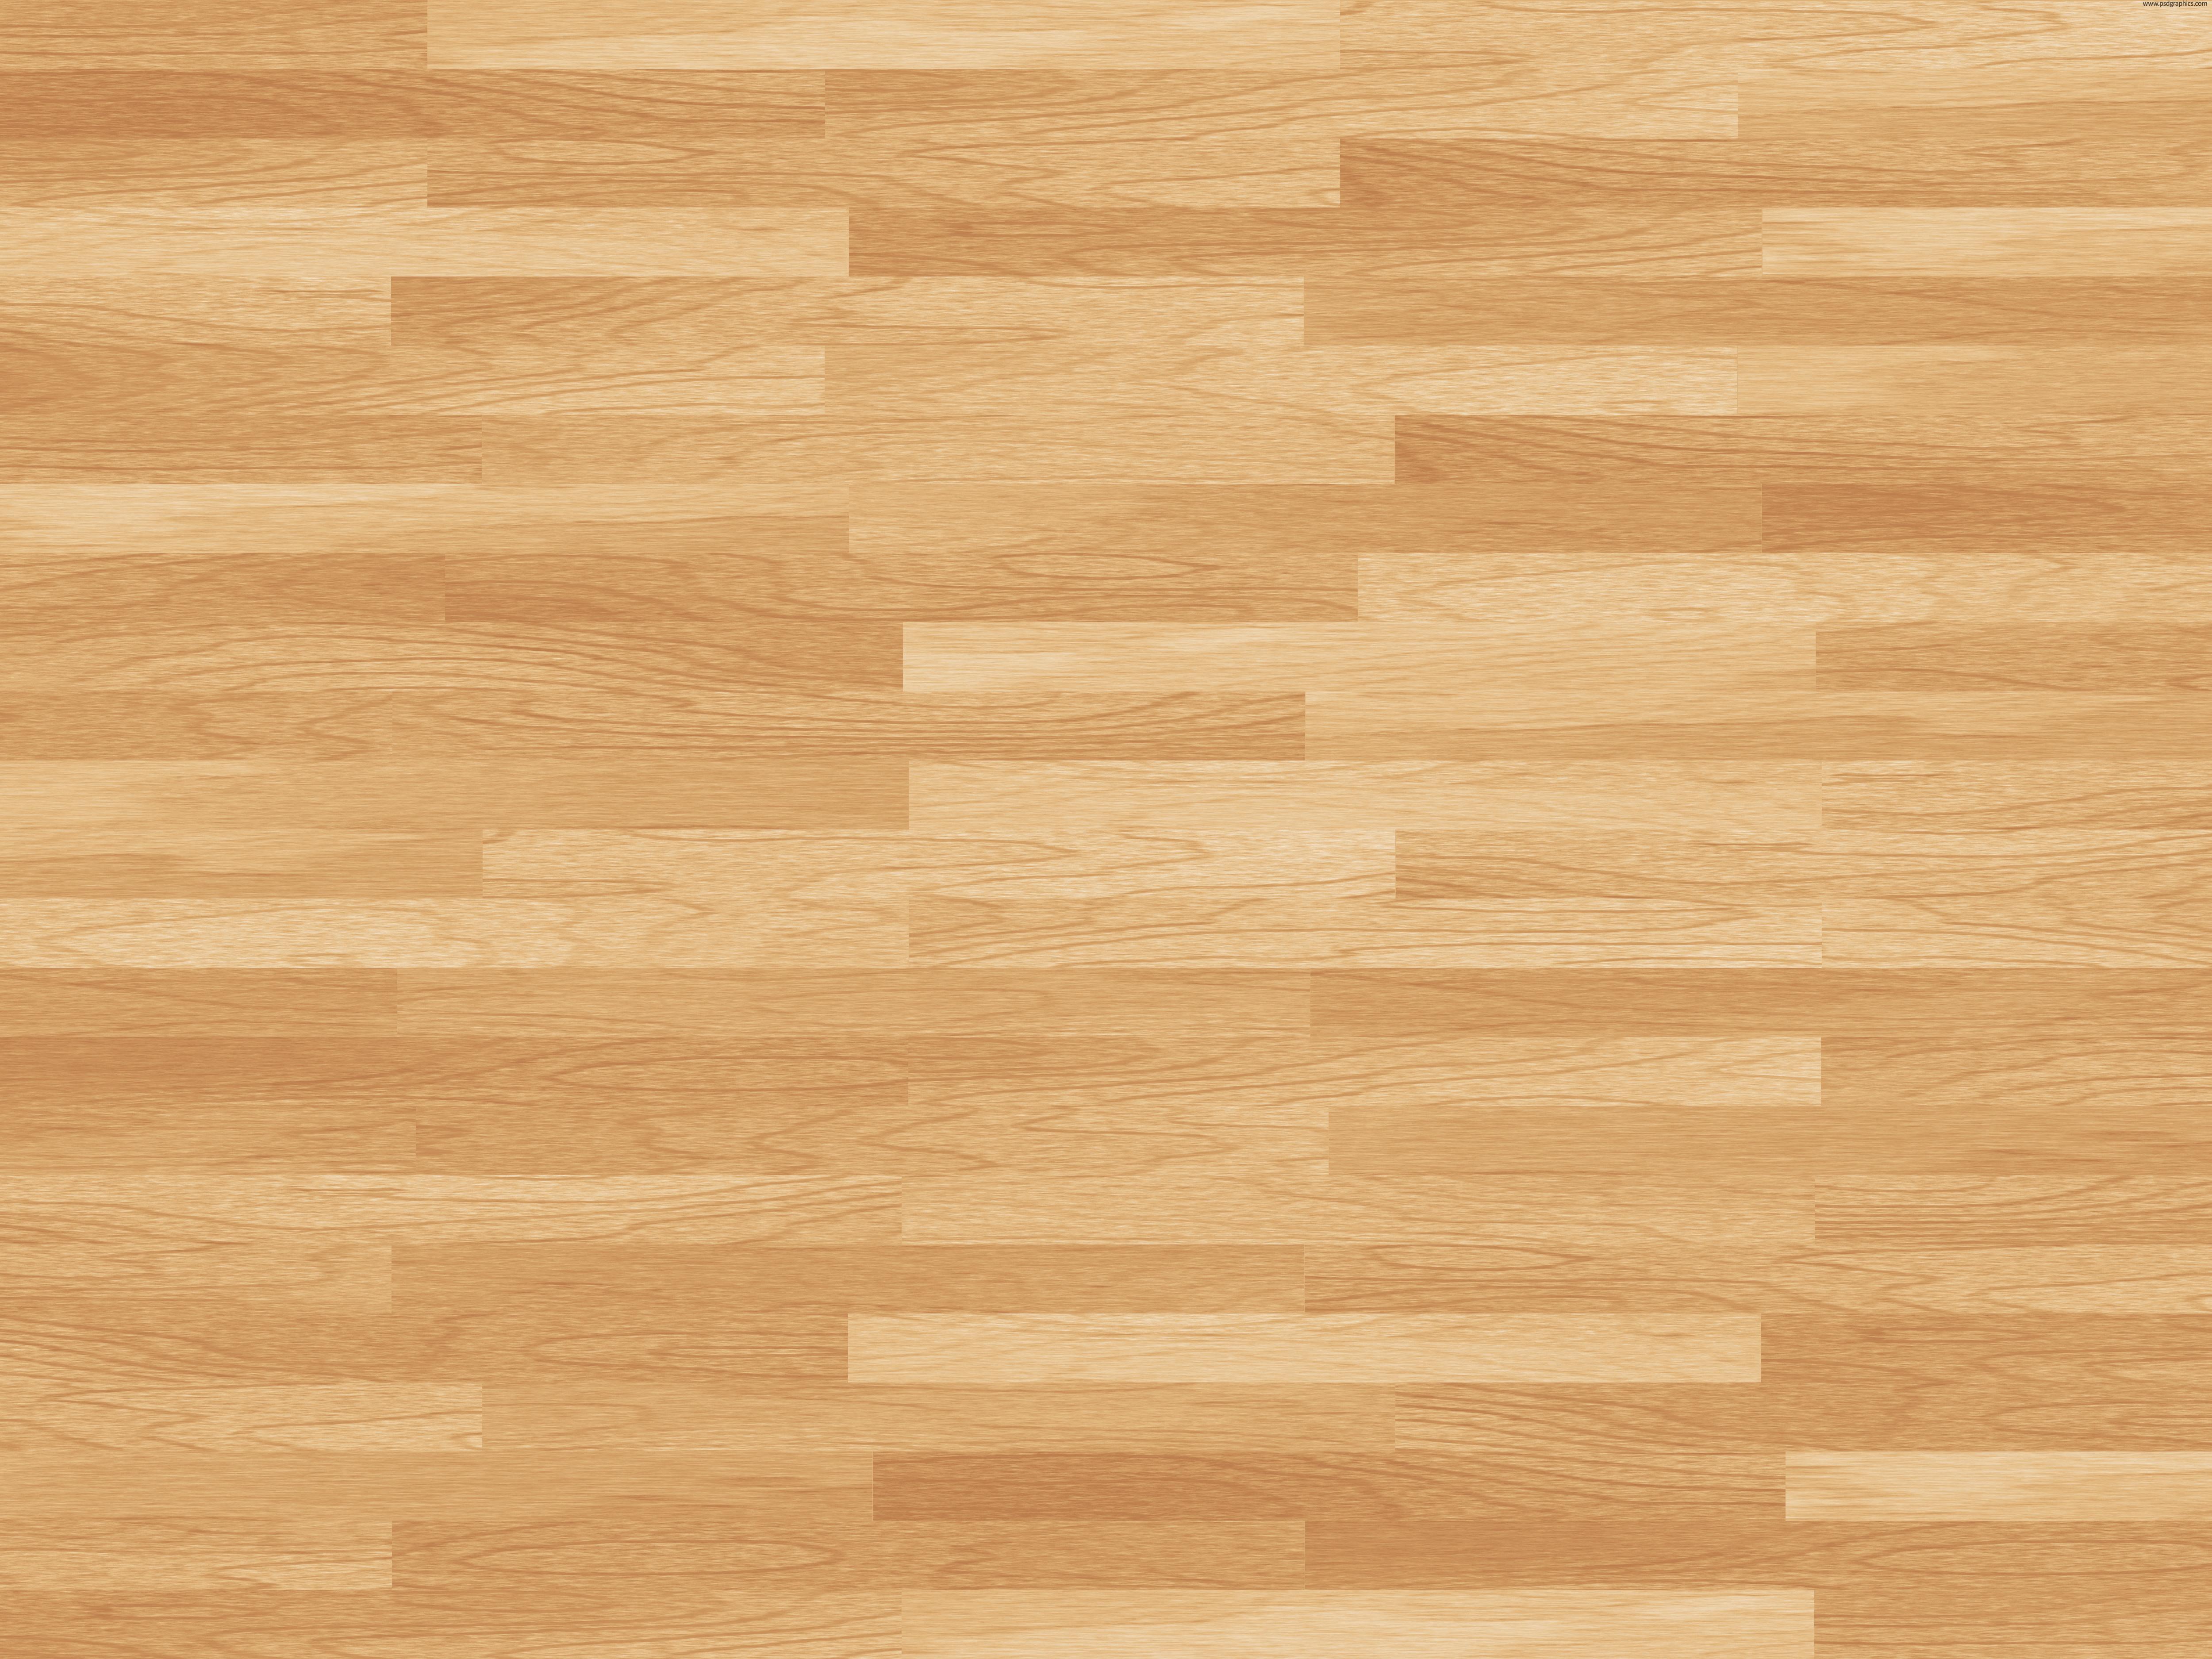 floor wood hardwood flooring texture dodomi info APHIFLM